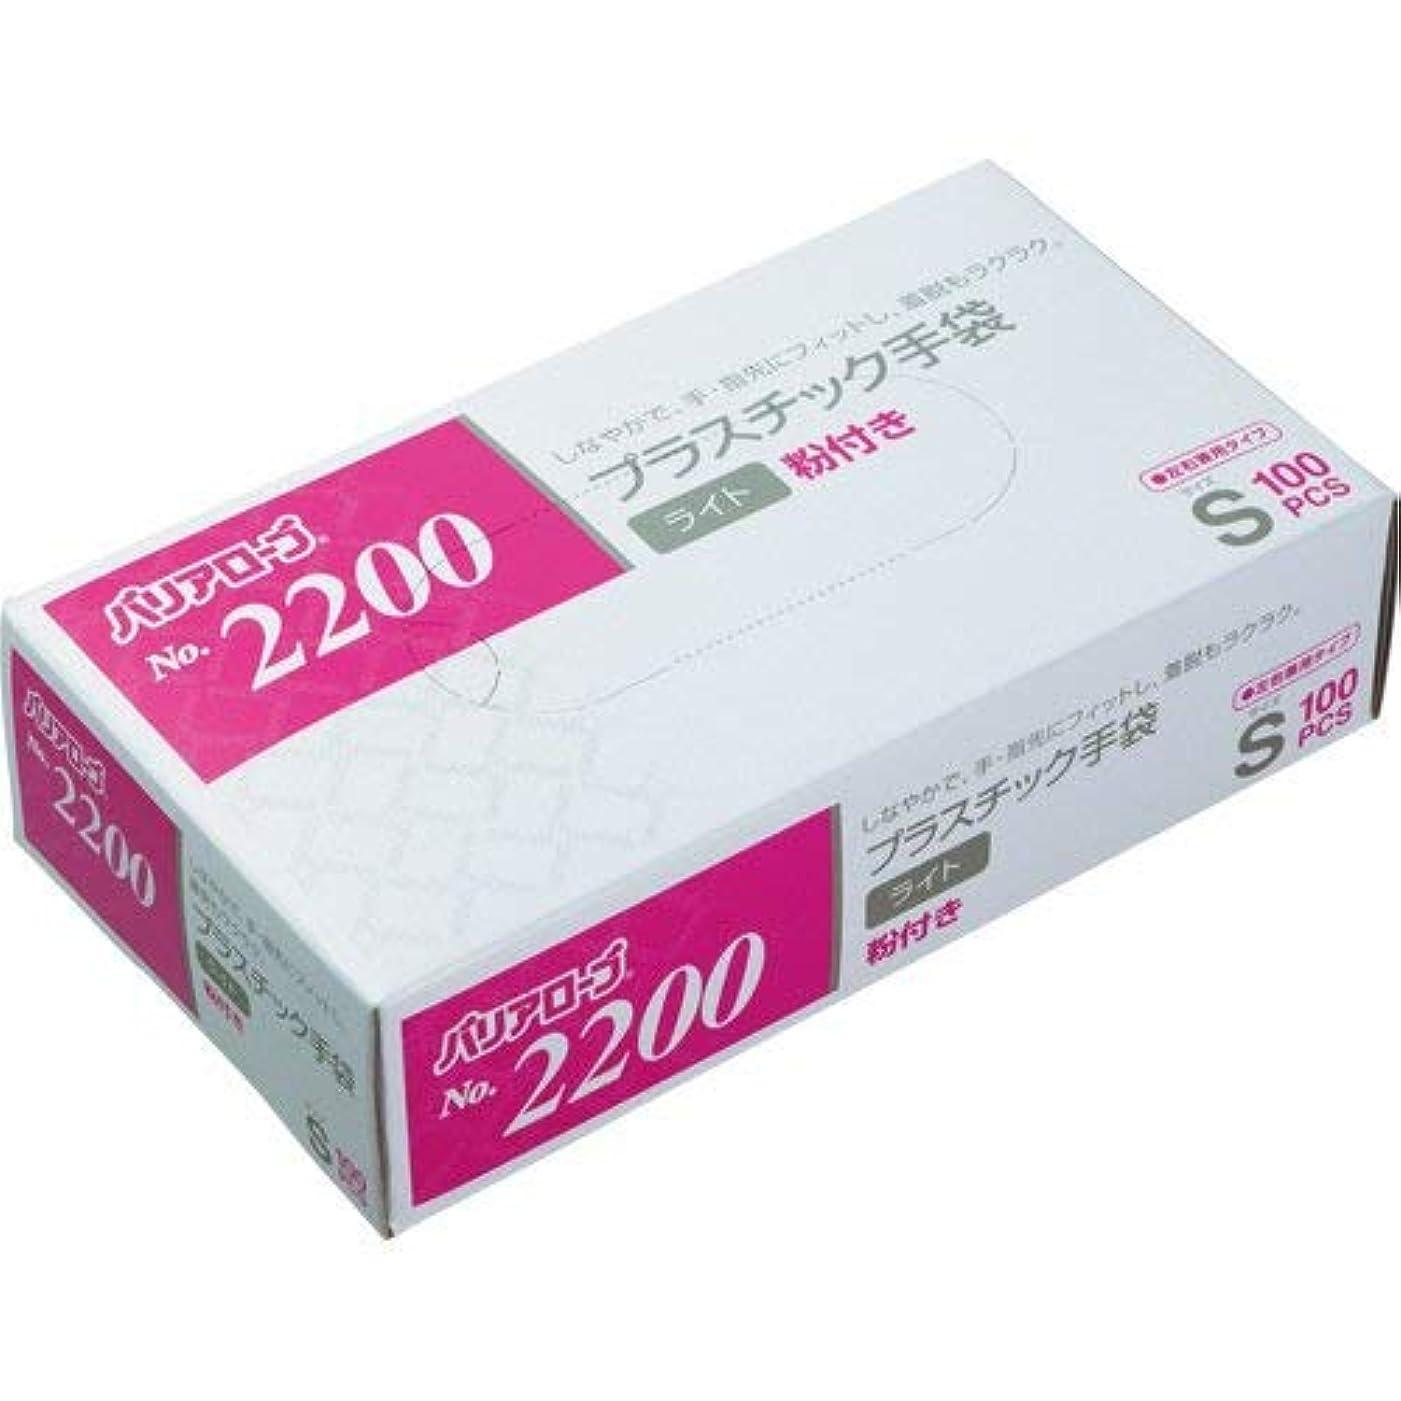 ベギン川作動する【ケース販売】 バリアローブ №2200 プラスチック手袋 ライト (粉付き) S 2000枚(100枚×20箱)